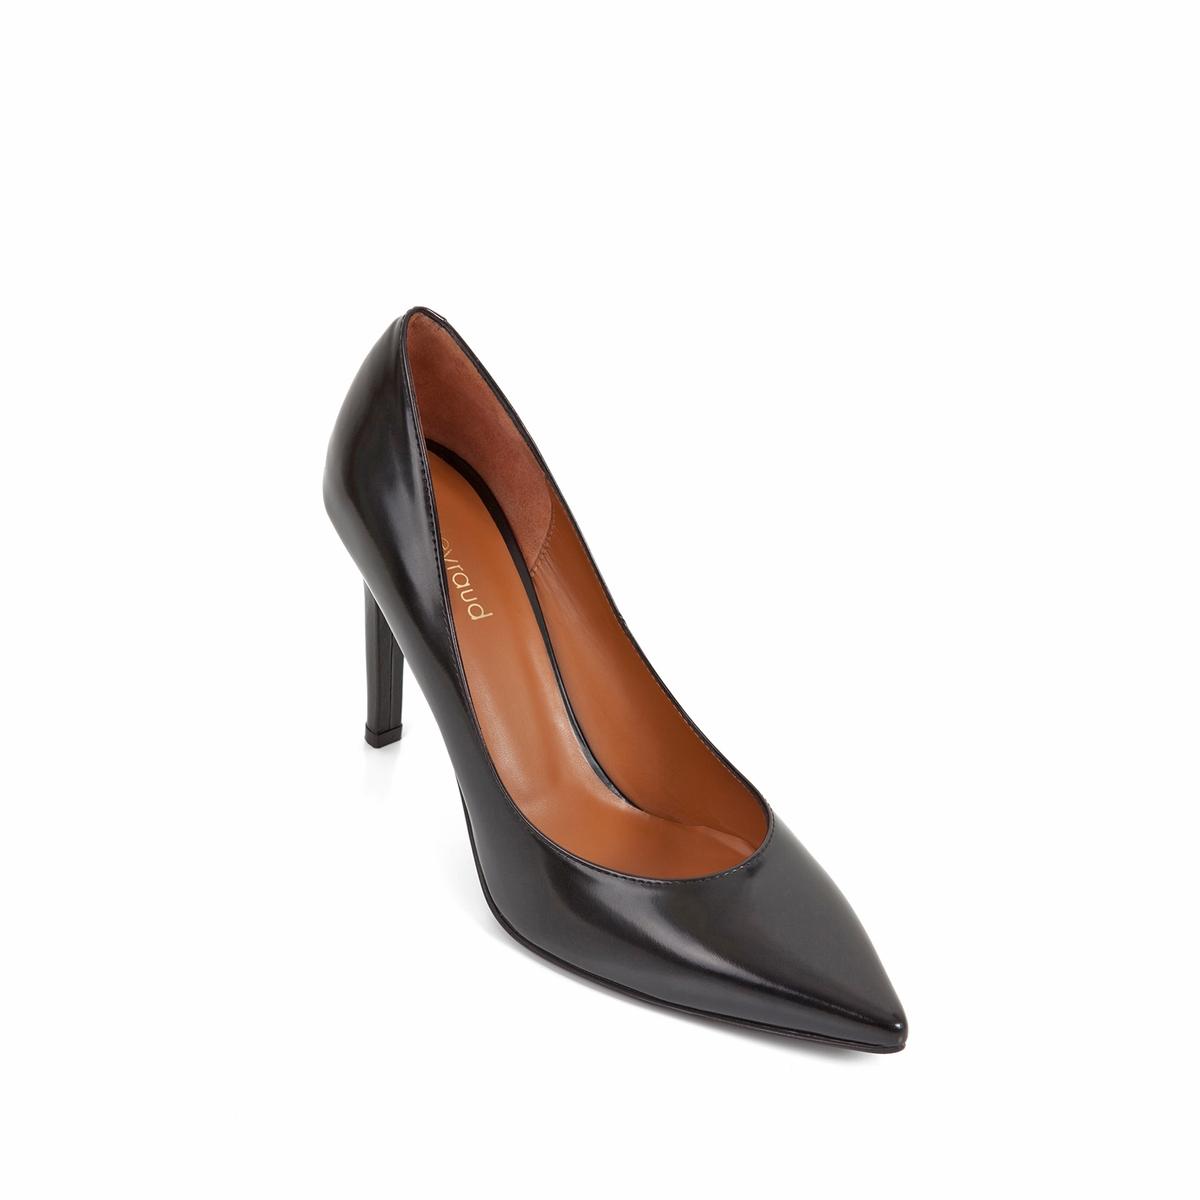 Туфли кожаные Delicia на шпилькеВерх : Кожа.   Подкладка : Кожа.   Стелька : Кожа.   Подошва : Кожа.   Высота каблука : 9 см   Форма каблука : шпилька   Мысок : заостренный мысок     Застежка : без застежки<br><br>Цвет: черный